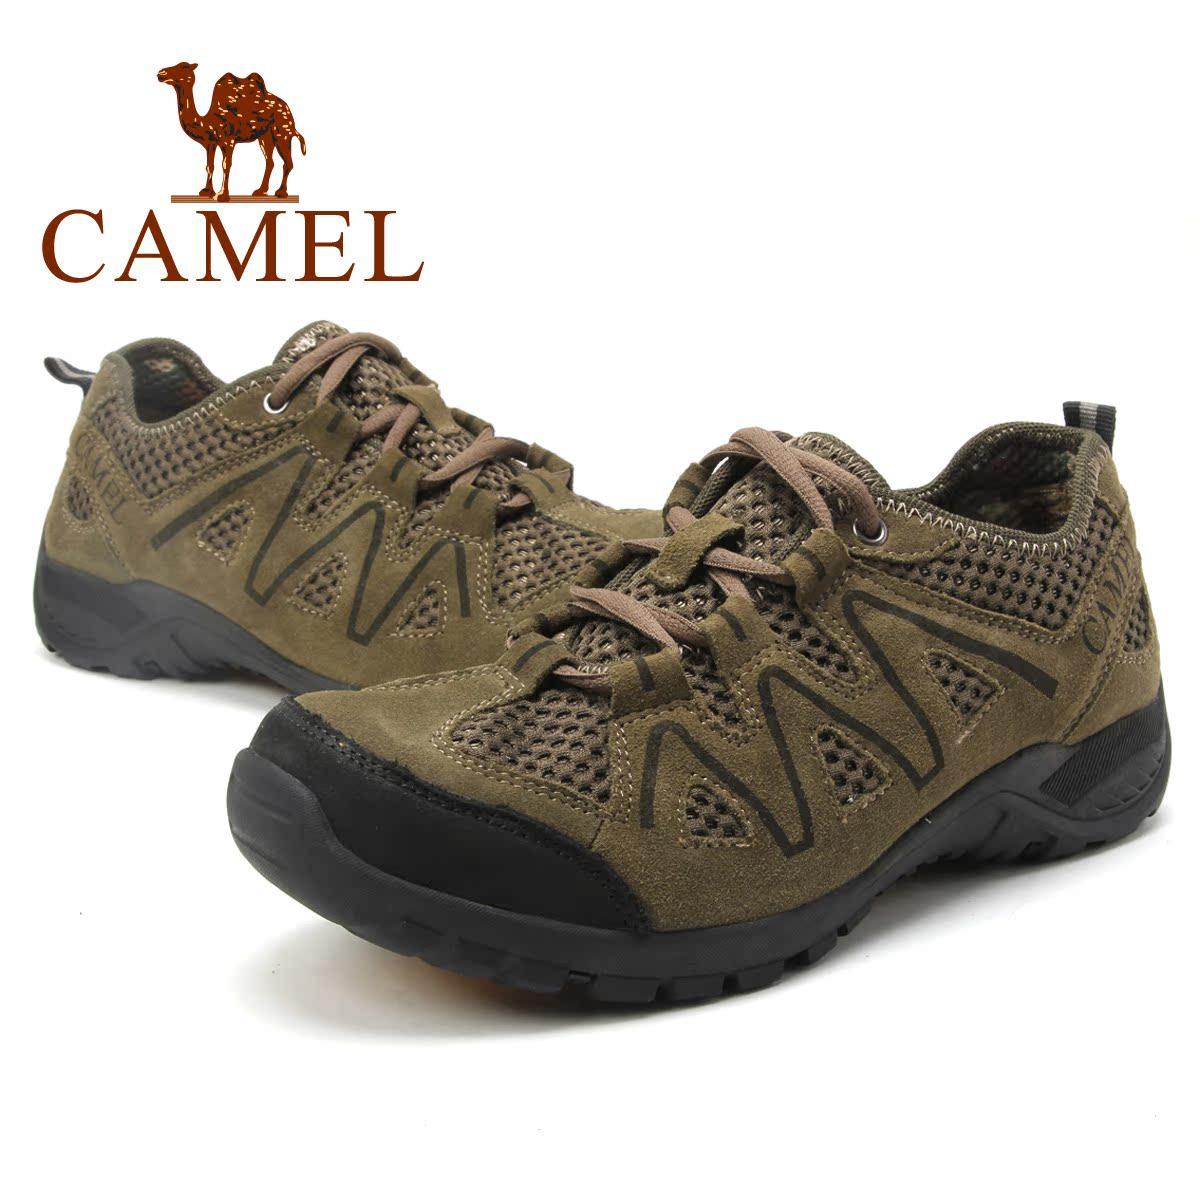 трекинговые кроссовки Camel 2001327. 2001327 Camel